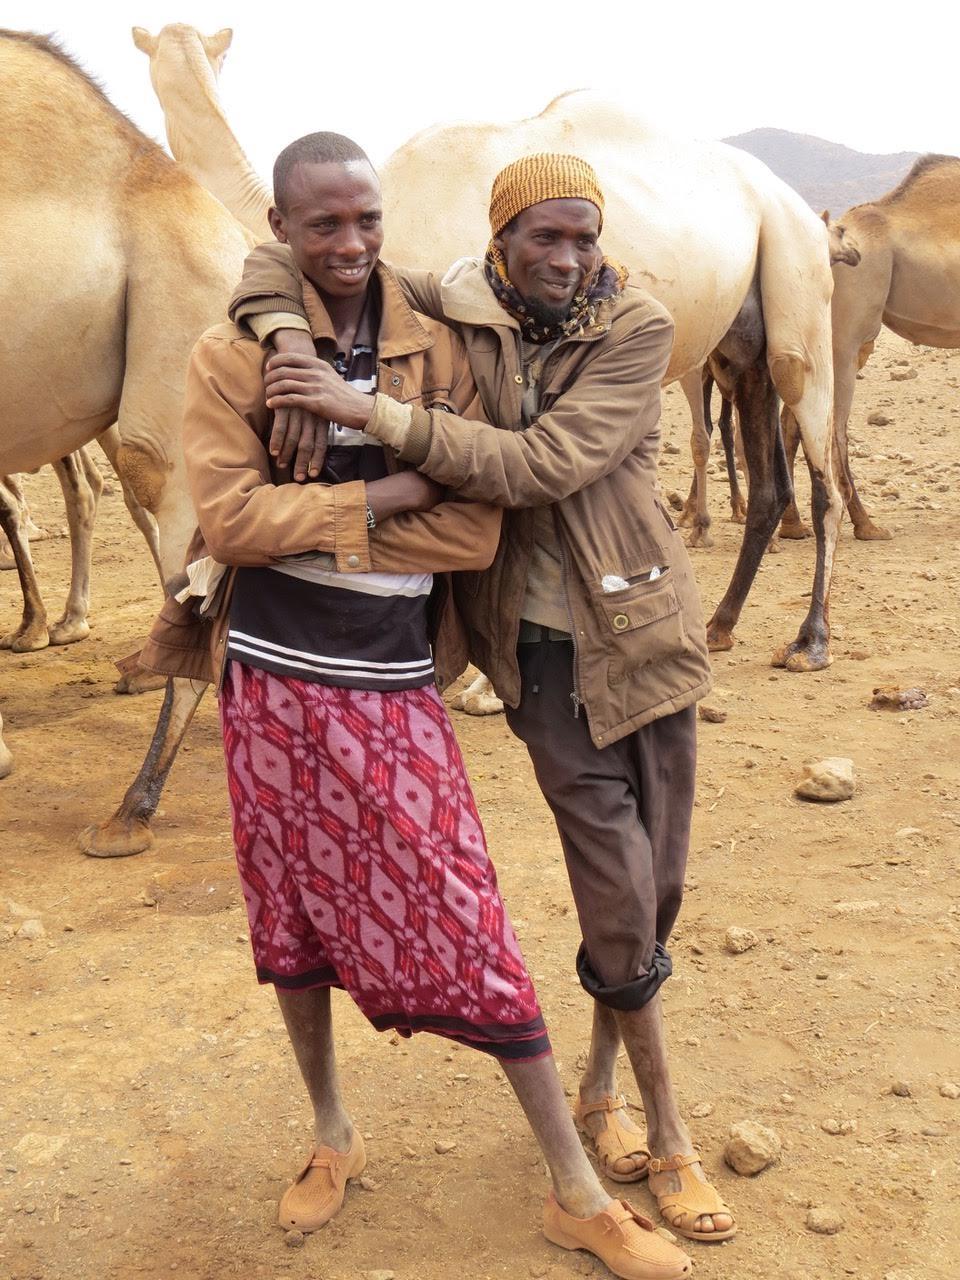 Kachiuru camel herders